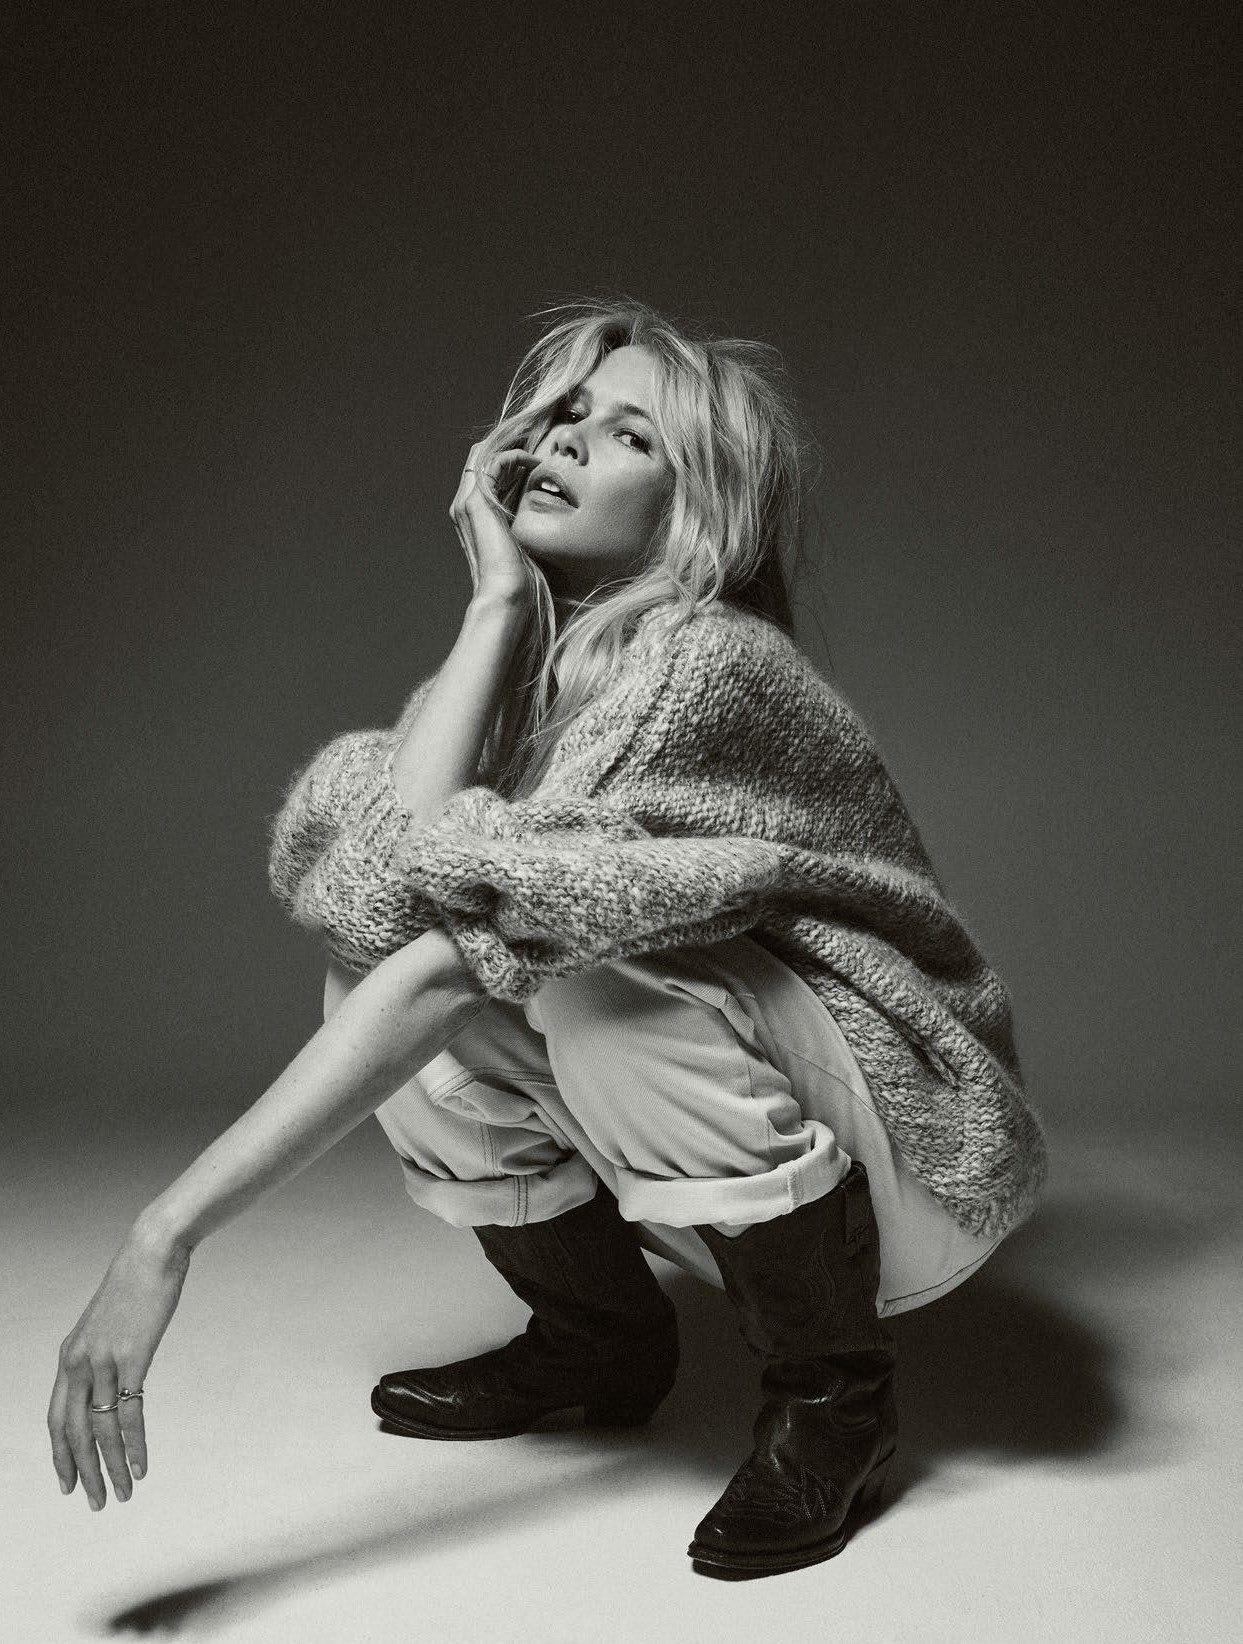 Claudia+Schiffer+for+Vogue+Paris+September+2018+(8).jpg